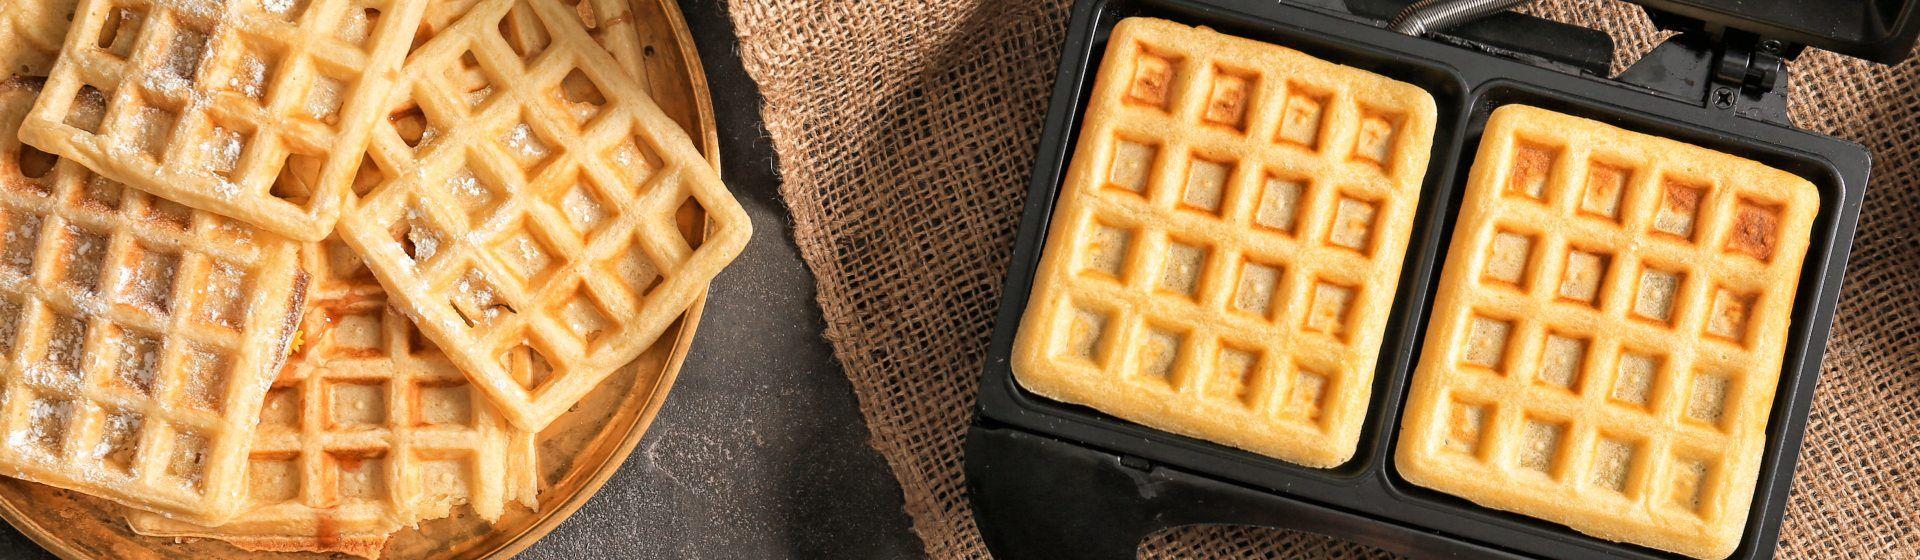 As melhores máquinas de waffle para comprar em 2021